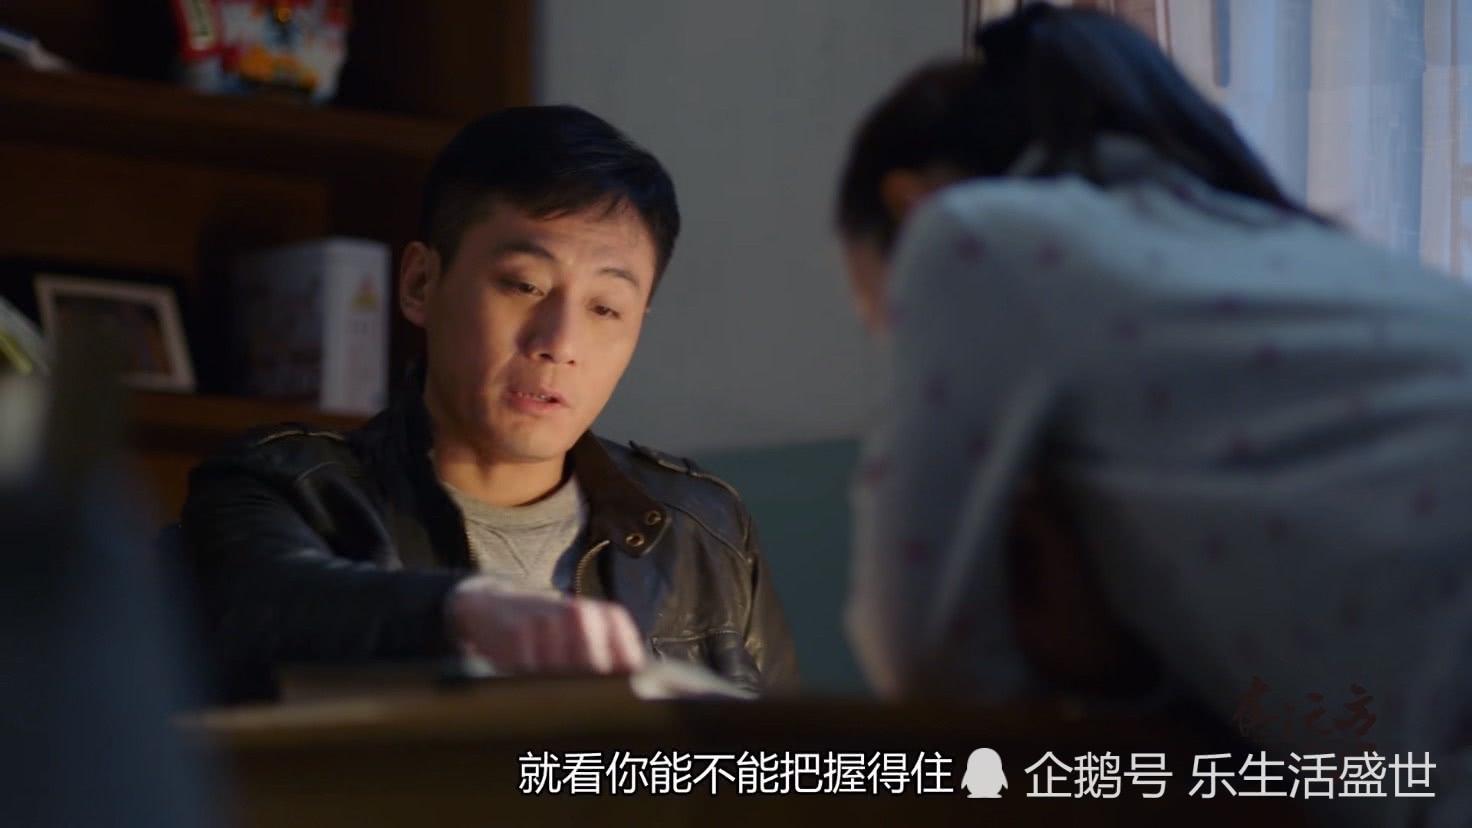 姚远把计划都告诉了路晓鸥,她全方位的支持姚远,刘云天趁机挖人